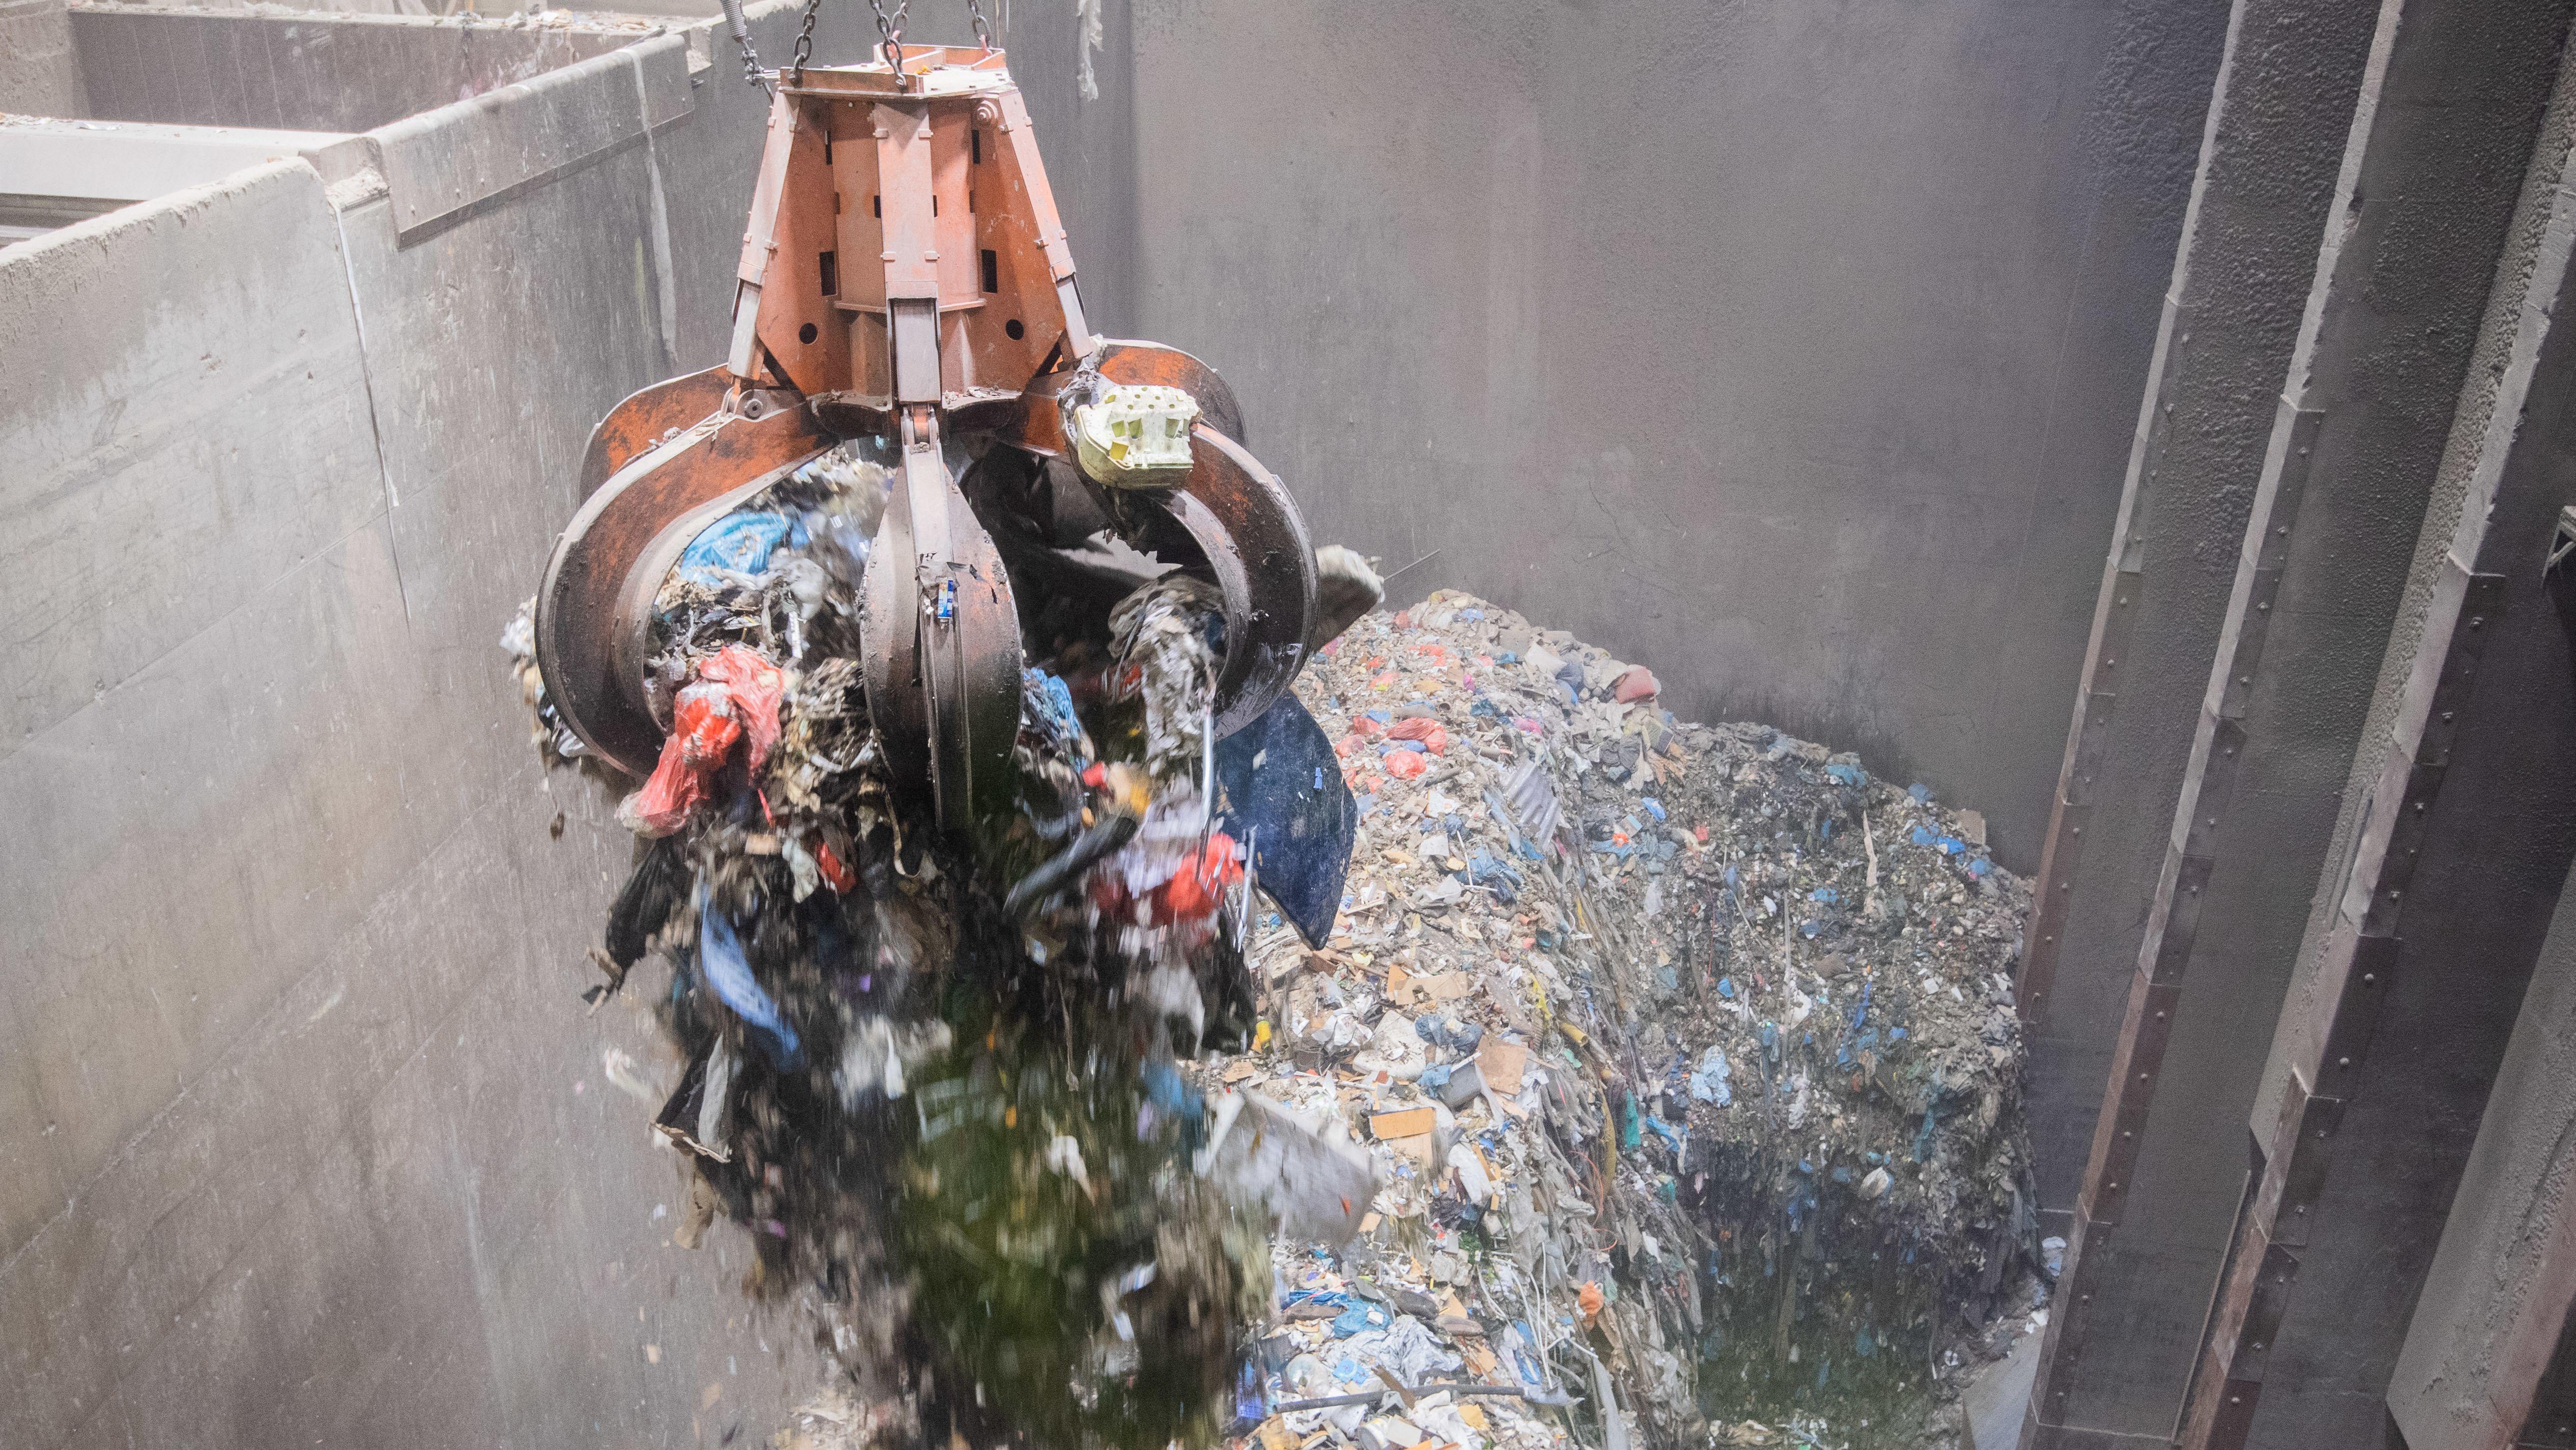 Ein Kran transportiert Müll zum Verbrennen in einer Müllverbrennungsanlage (Symbolbild)